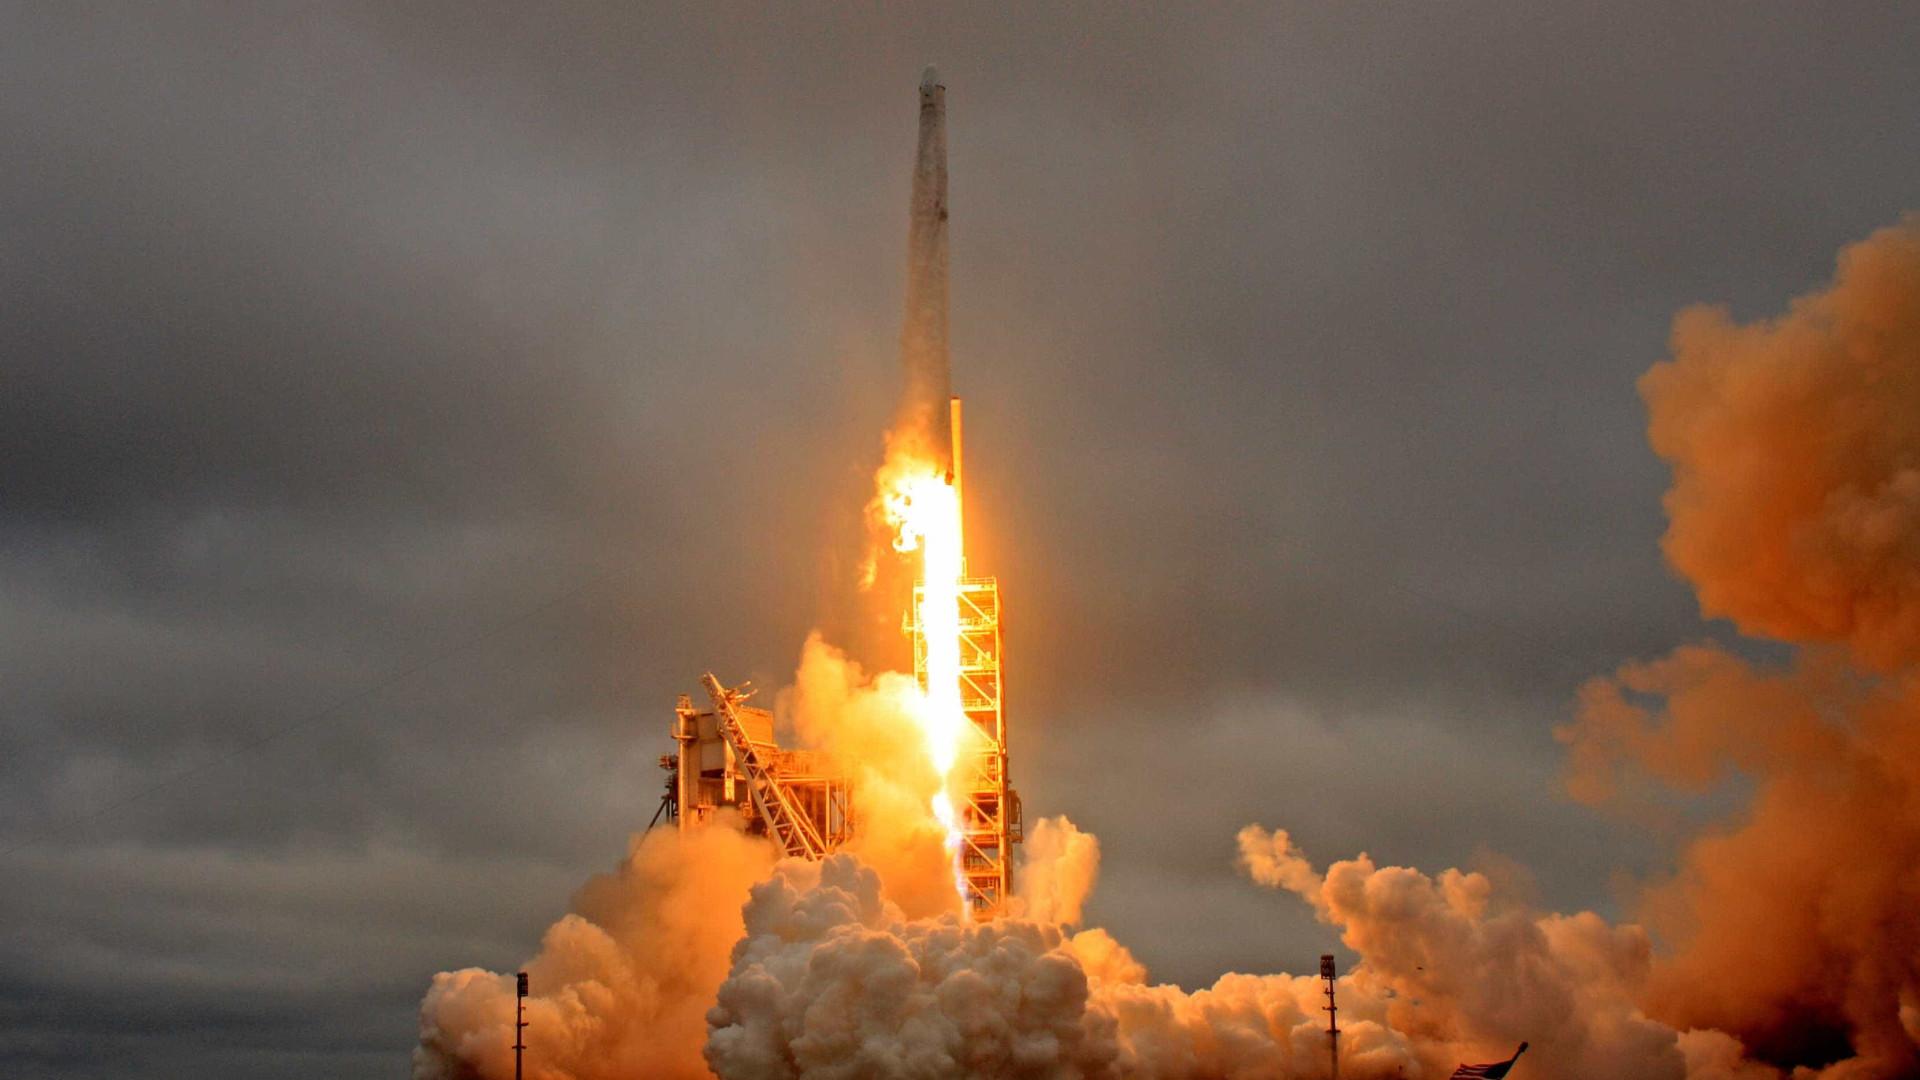 Europa lança mais 4 satélites do sistema de 'GPS' Galileo